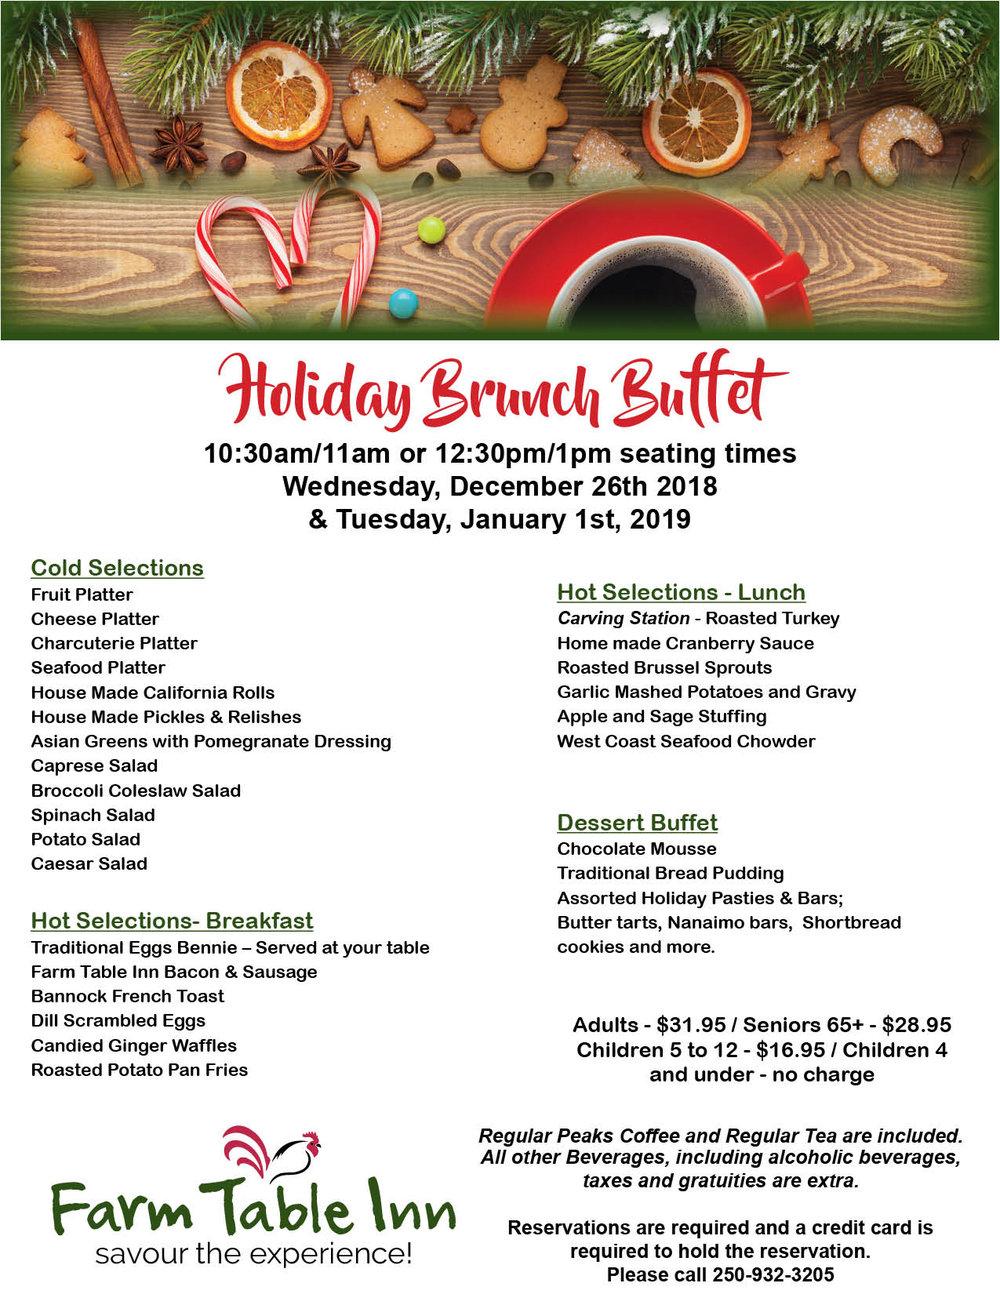 Holiday Brunch Buffet 2018.jpg